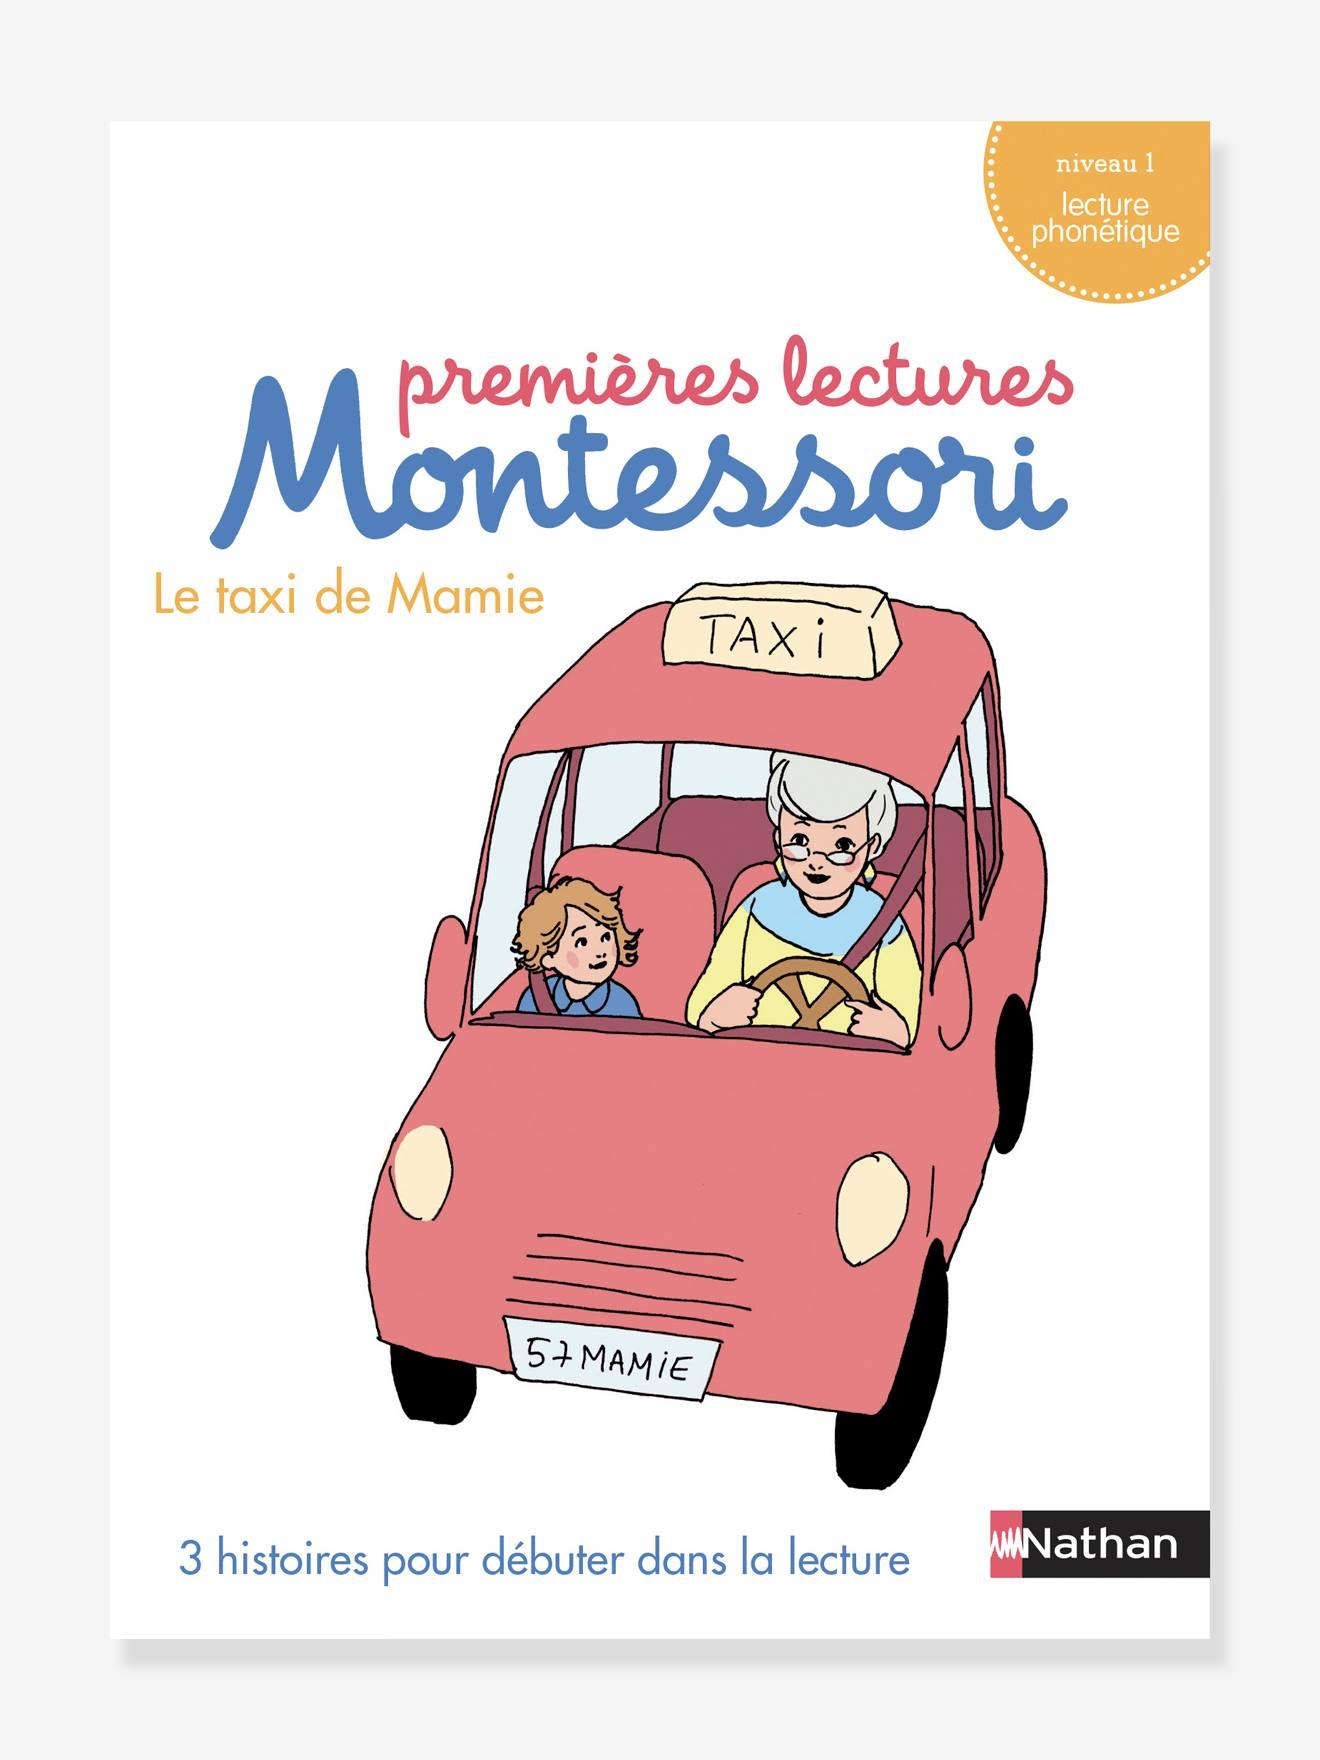 Coffret éducatif Premières lectures Montessori NATHAN - Le taxi de mamie, niveau 1